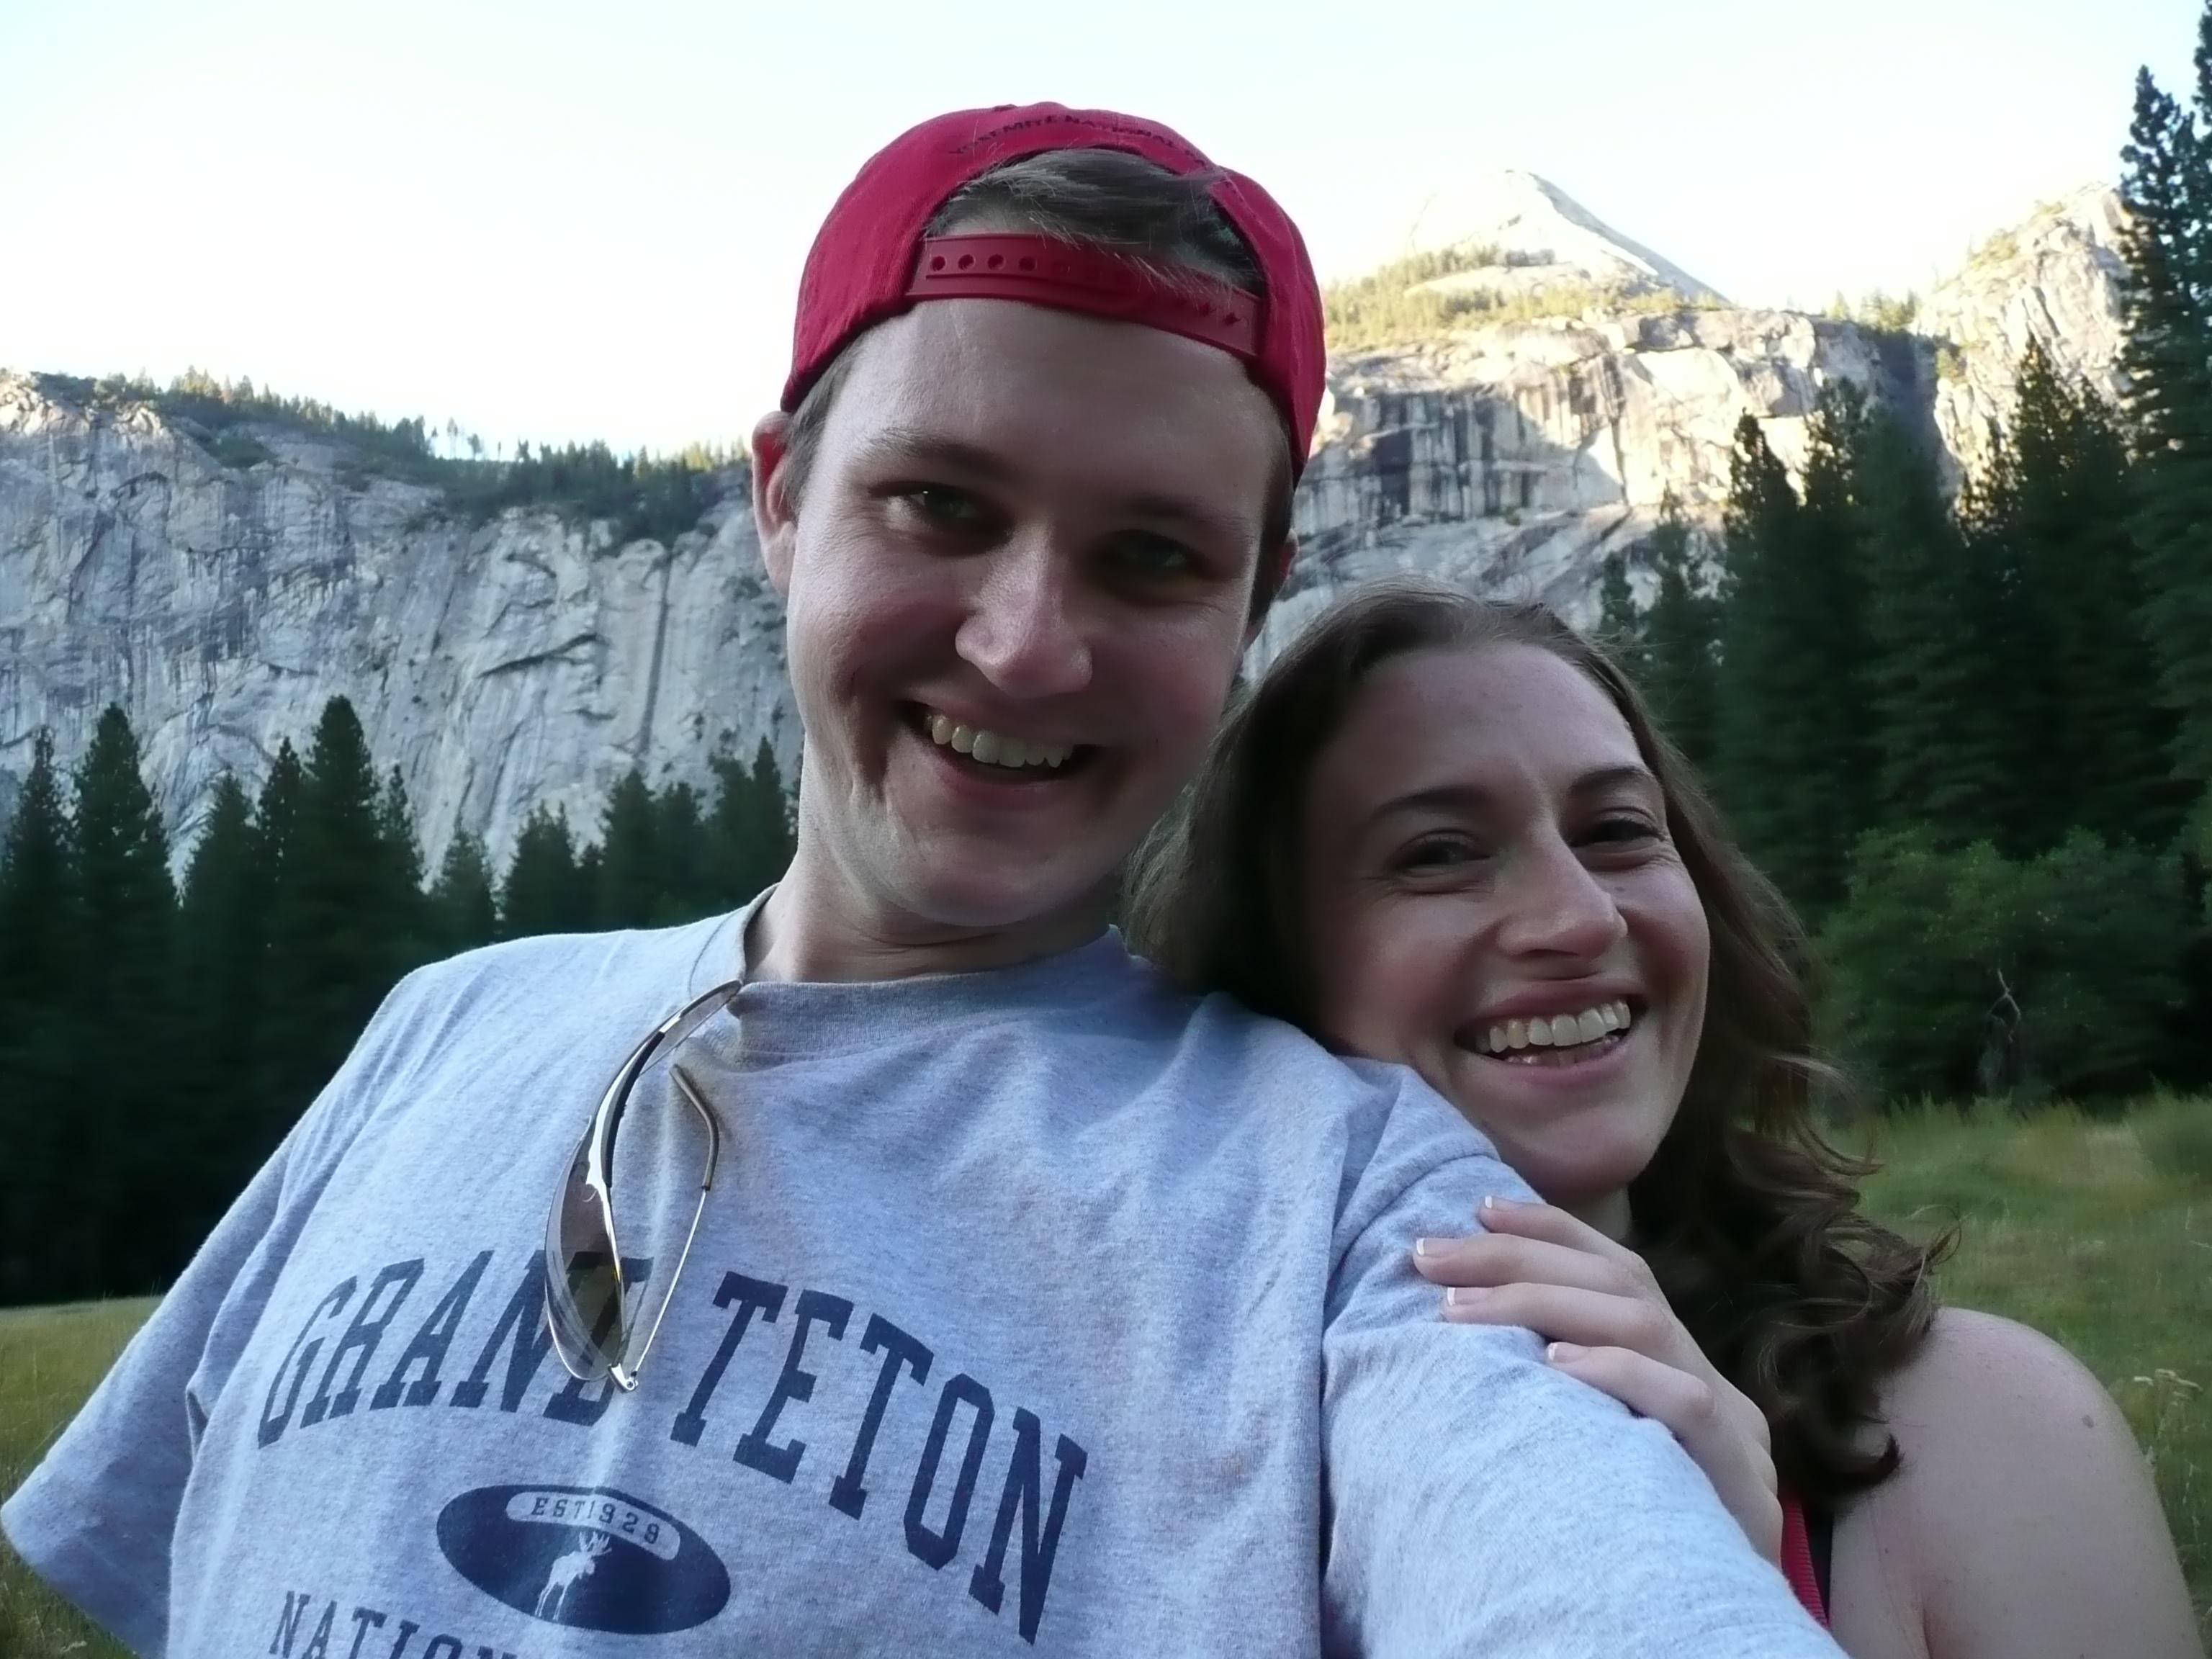 Dan and Jessica, Sept. 2007, at Yosemite National Park